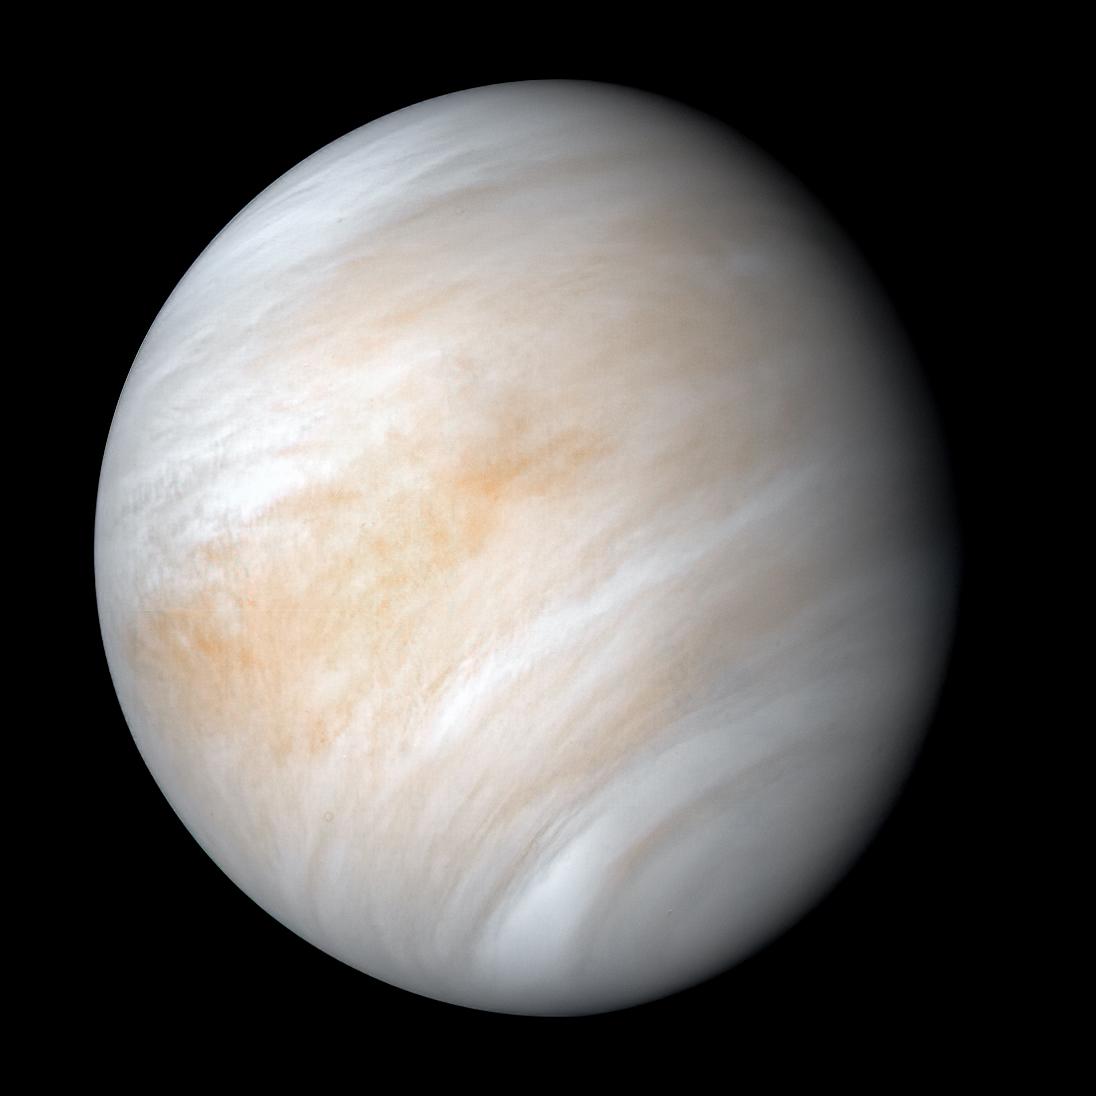 La NASA a pris cette image de Vénus à l'aide de sa sonde Mariner 10 lors d'un survol en 1974.